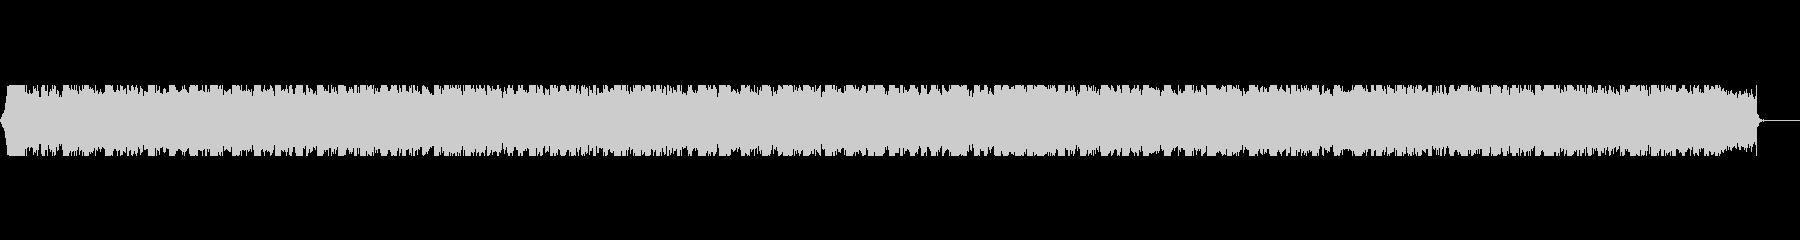 優しい雰囲気のアコギバラード 導入の未再生の波形